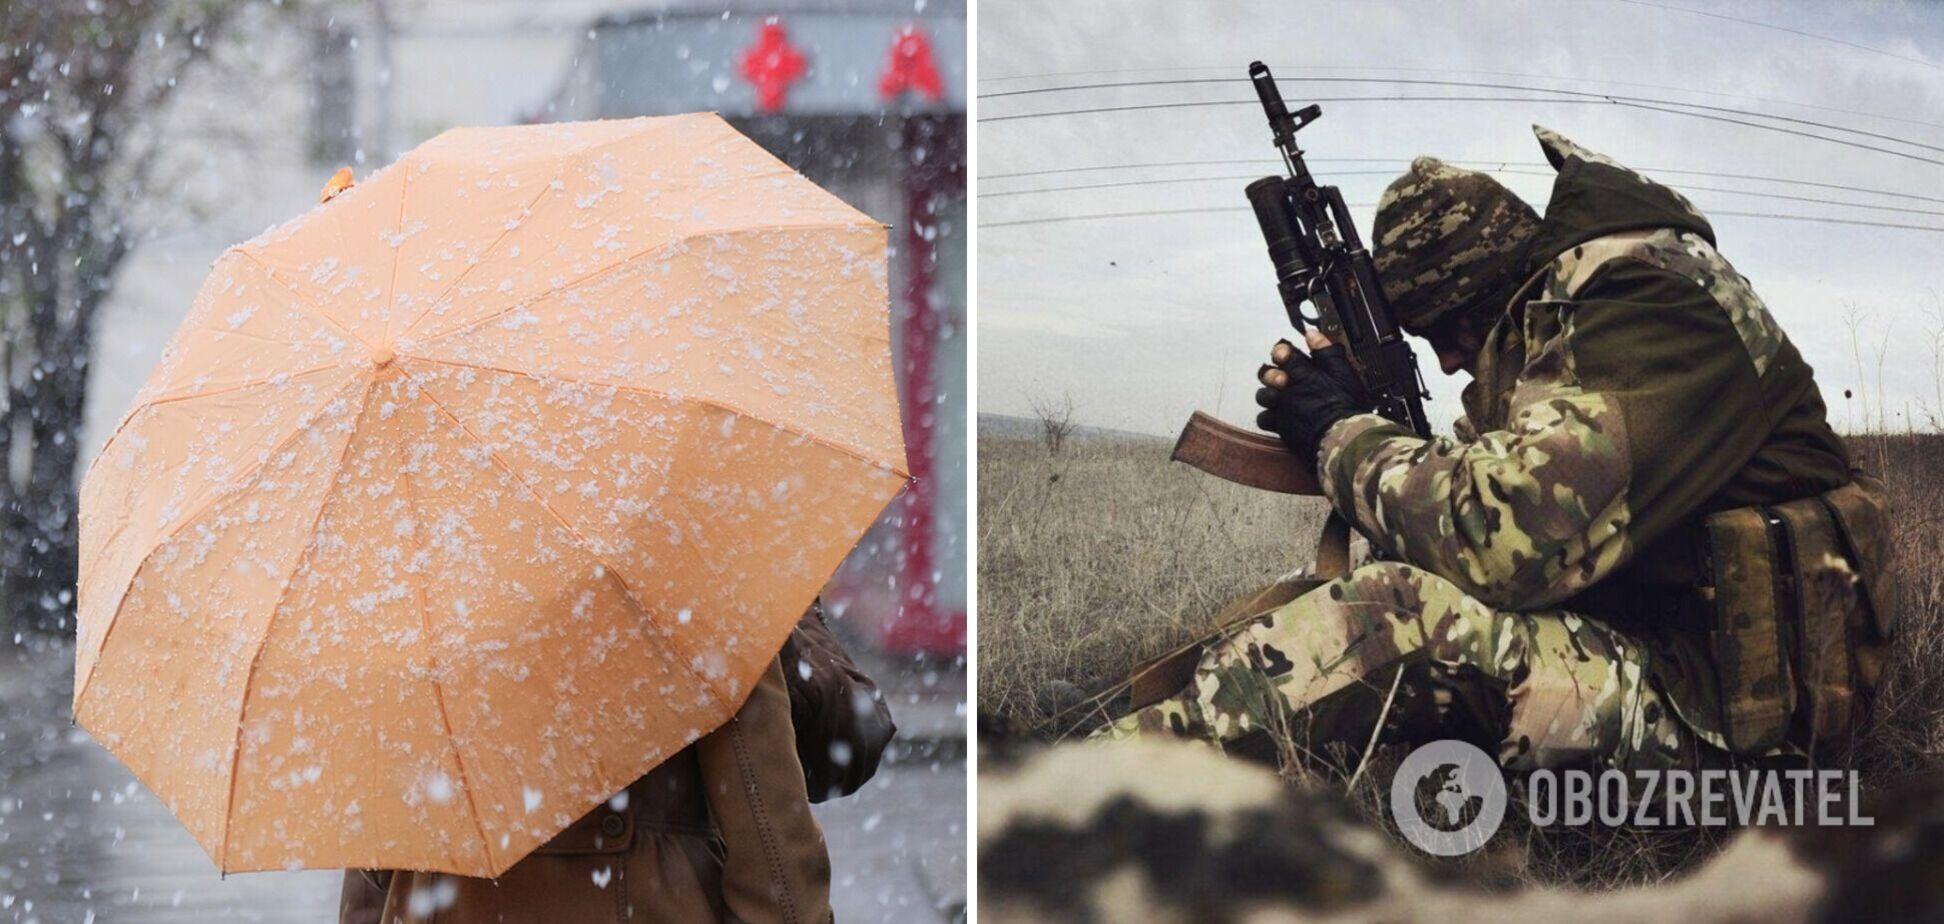 Новости Украины: на Донбассе погиб еще один воин ВСУ, а циклоны грозят резким ухудшением погоды